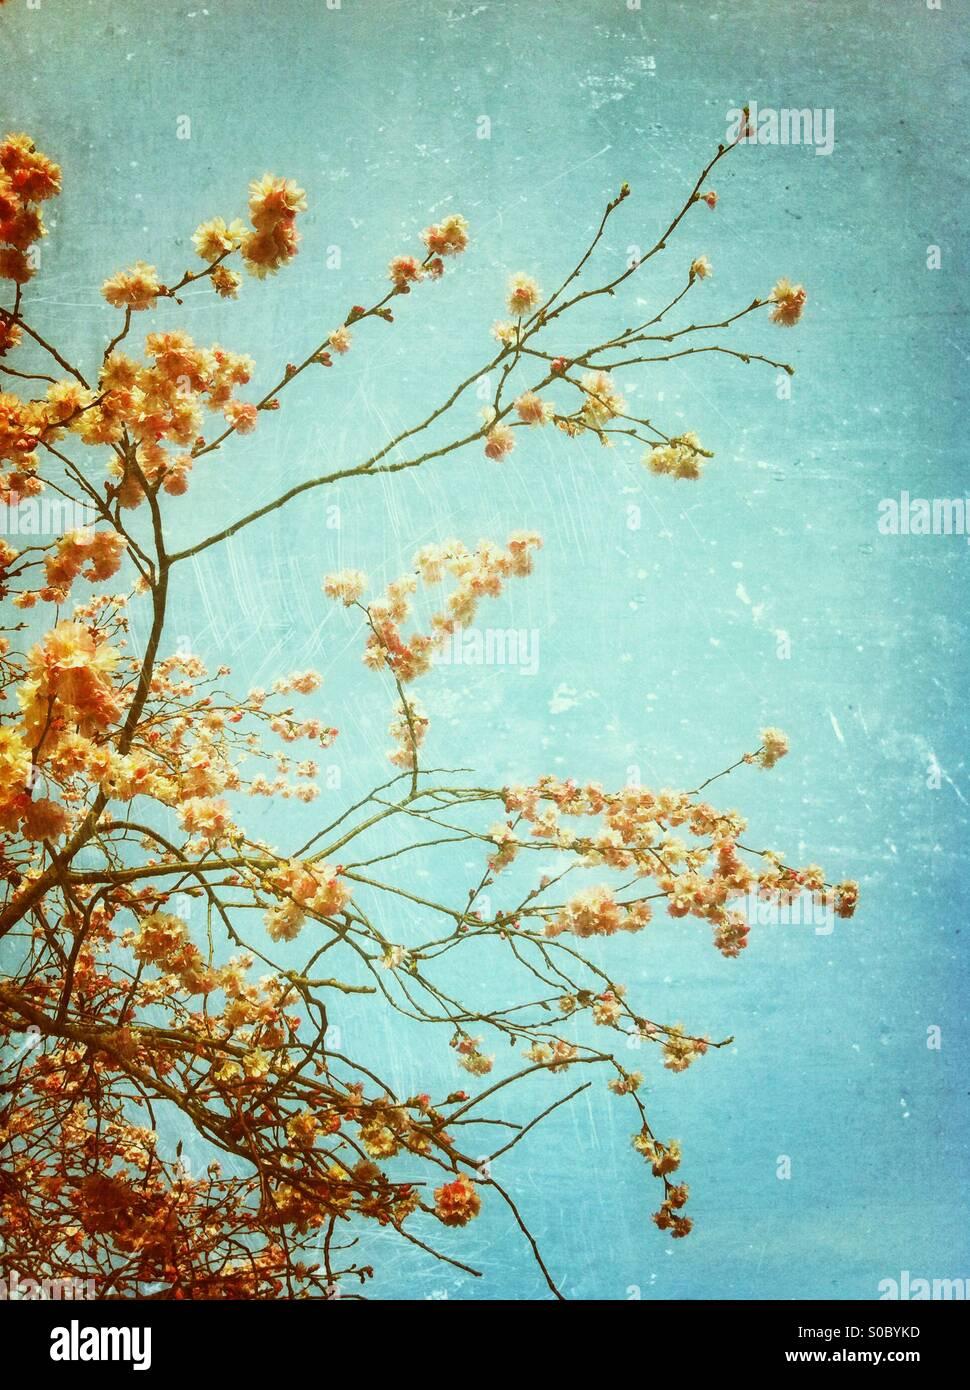 La saison des cerisiers en fleur au printemps Photo Stock